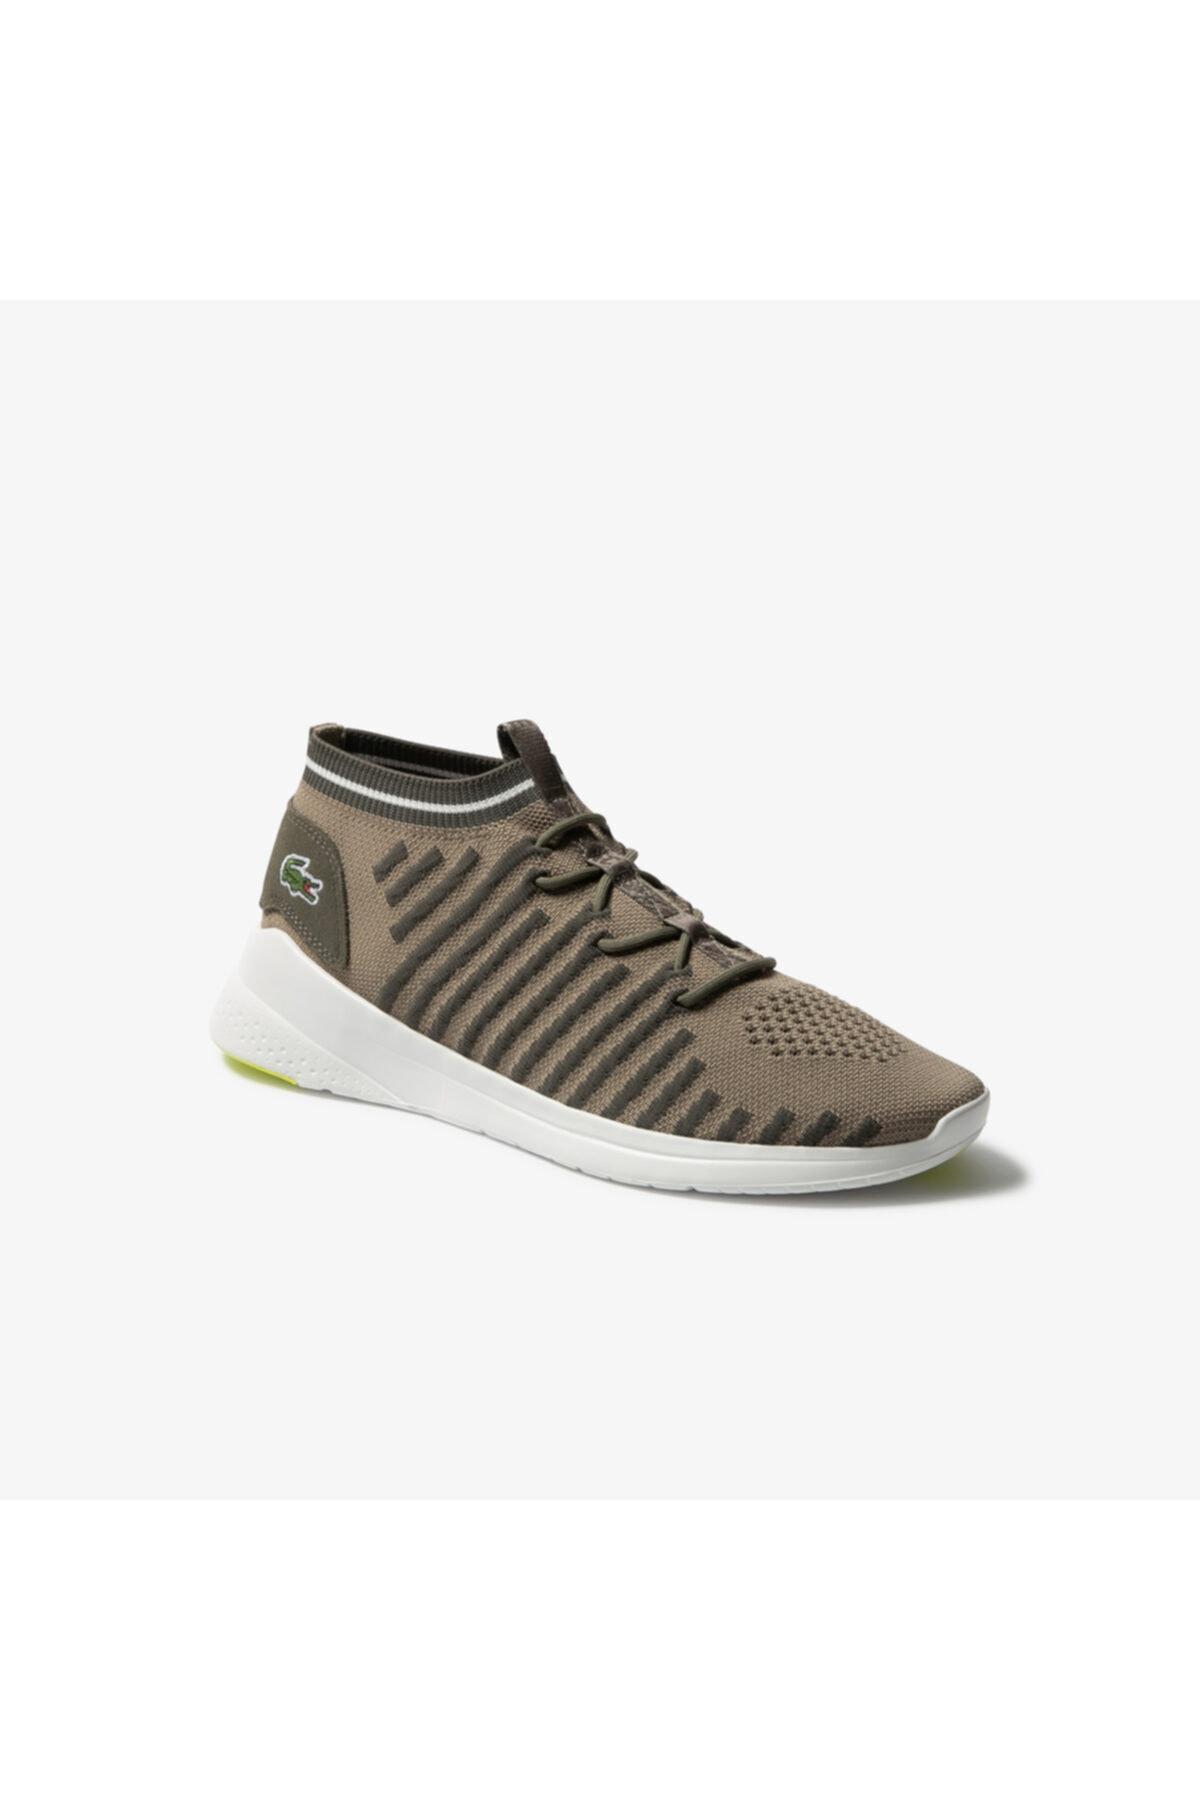 Lacoste Lt Fit-flex 120 2 Sma Erkek Haki Sneaker 1